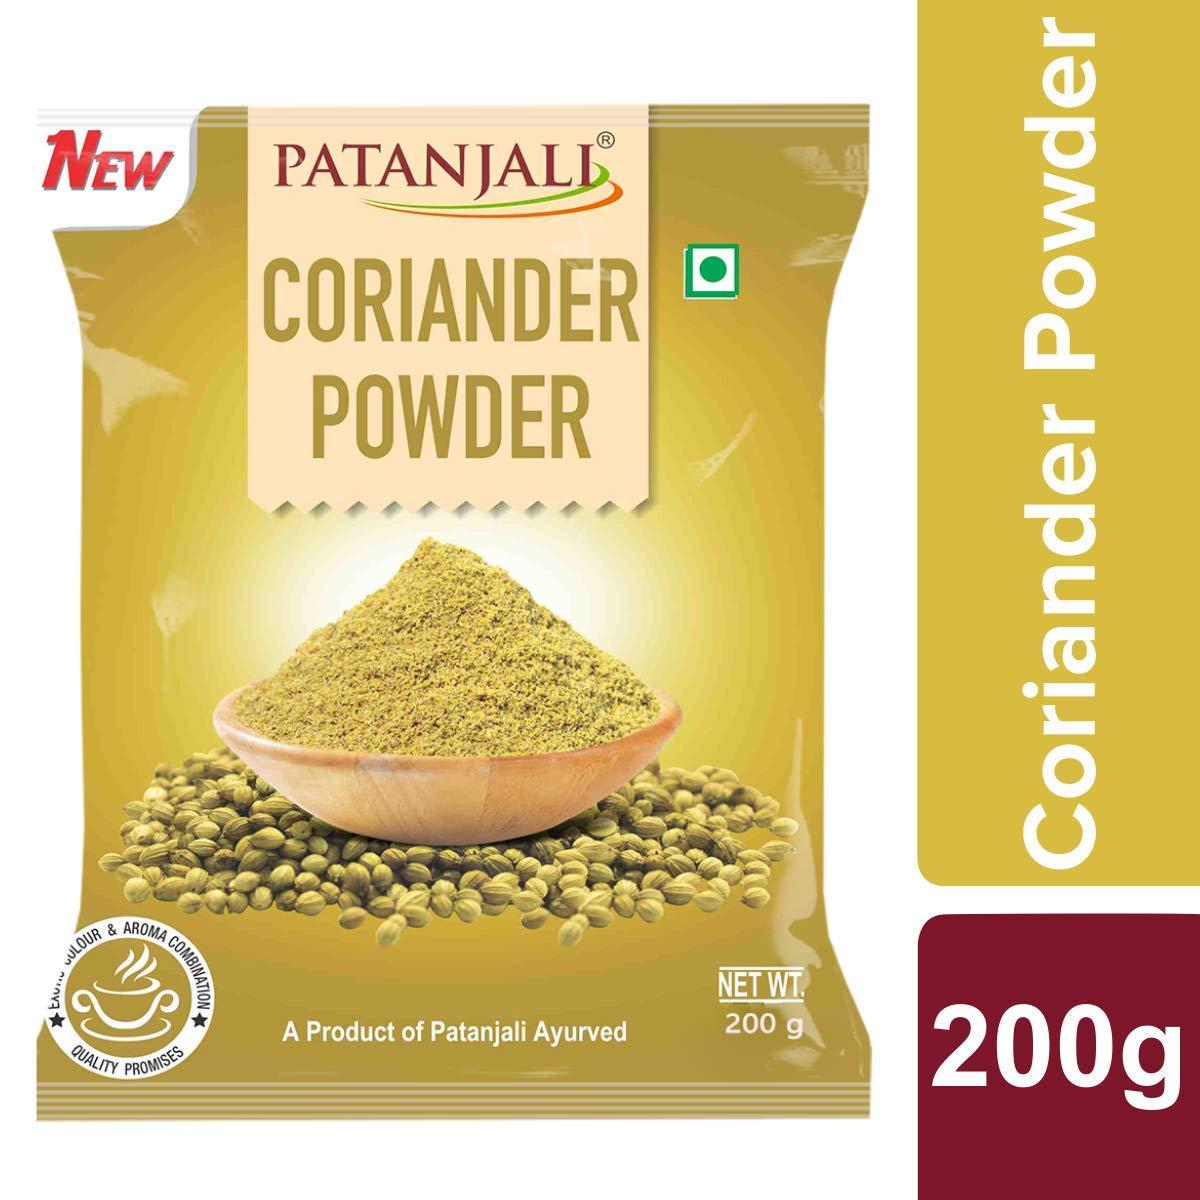 [Pantry] Patanjali Coriander Powder, 200g